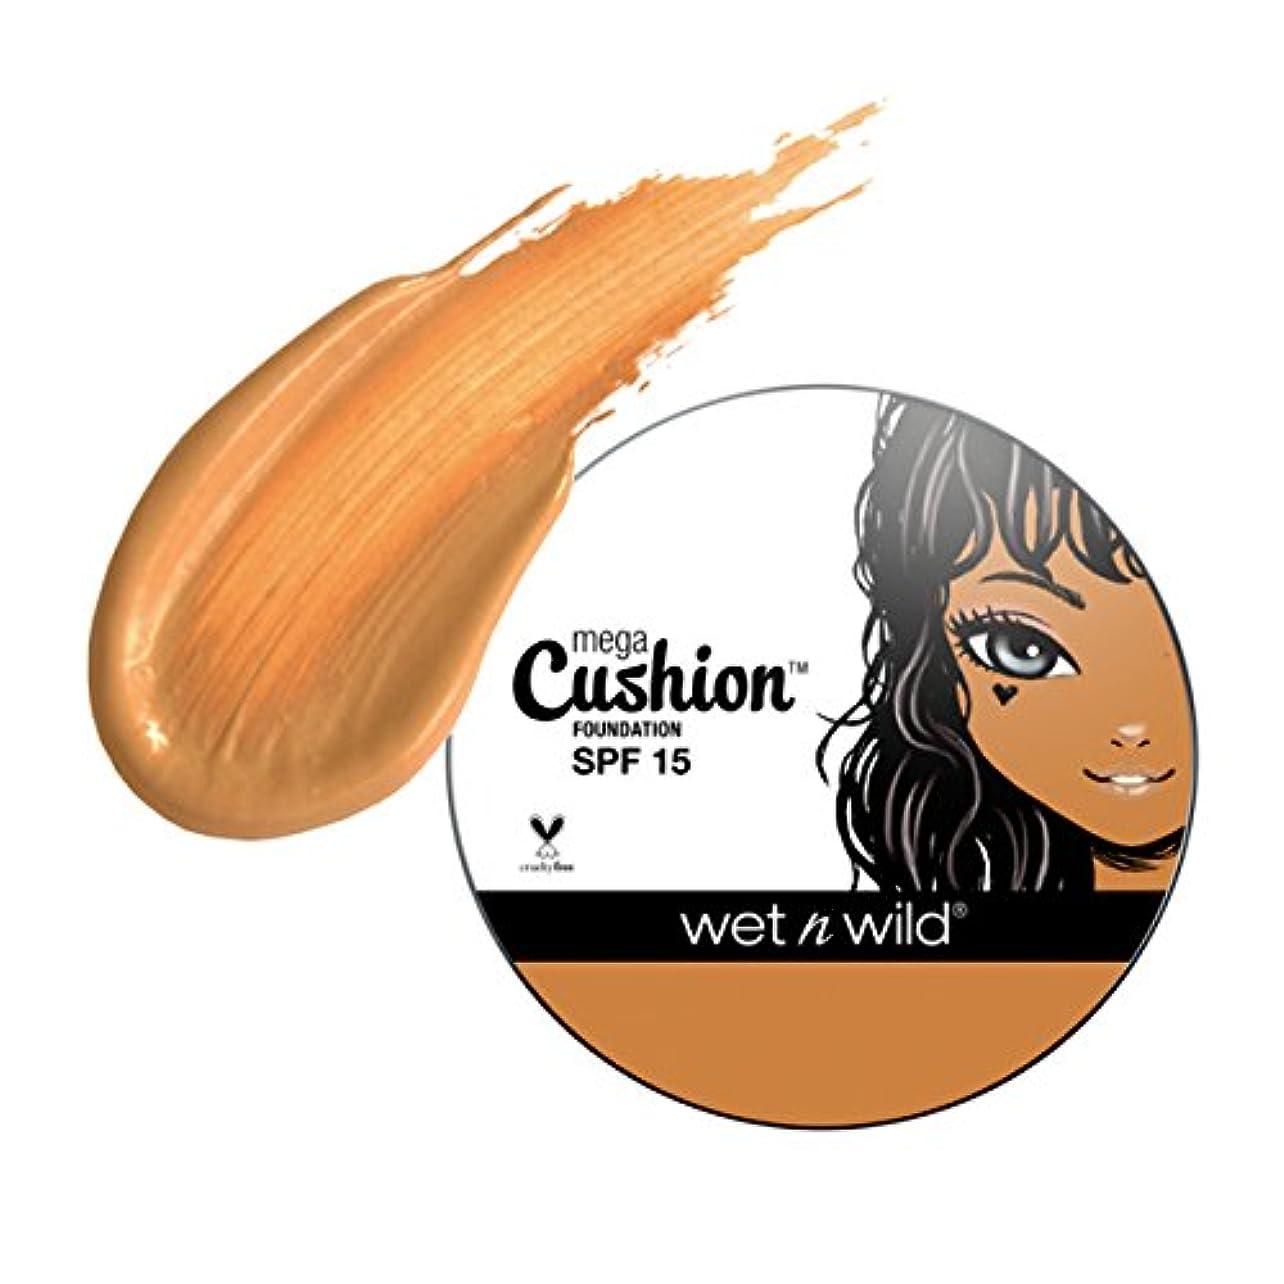 ナプキン電子レンジマント(3 Pack) WET N WILD MegaCushion Foundation SPF 15 - Tawny (並行輸入品)